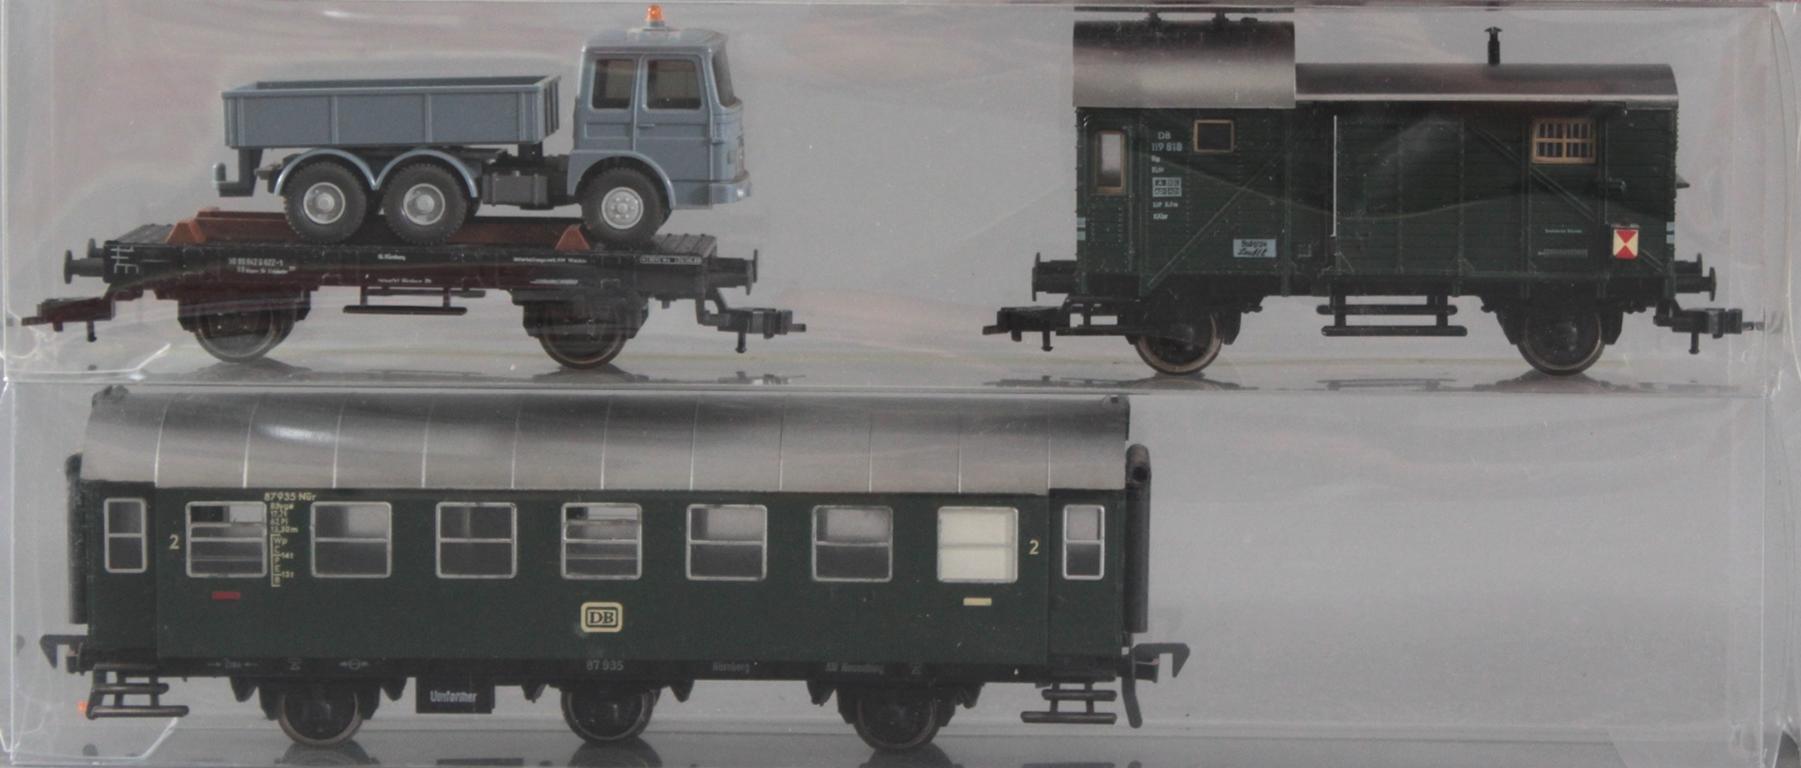 Roco H0 Dampf-Lok 042 052-1 mit 6 Fleischmann Waggons-3